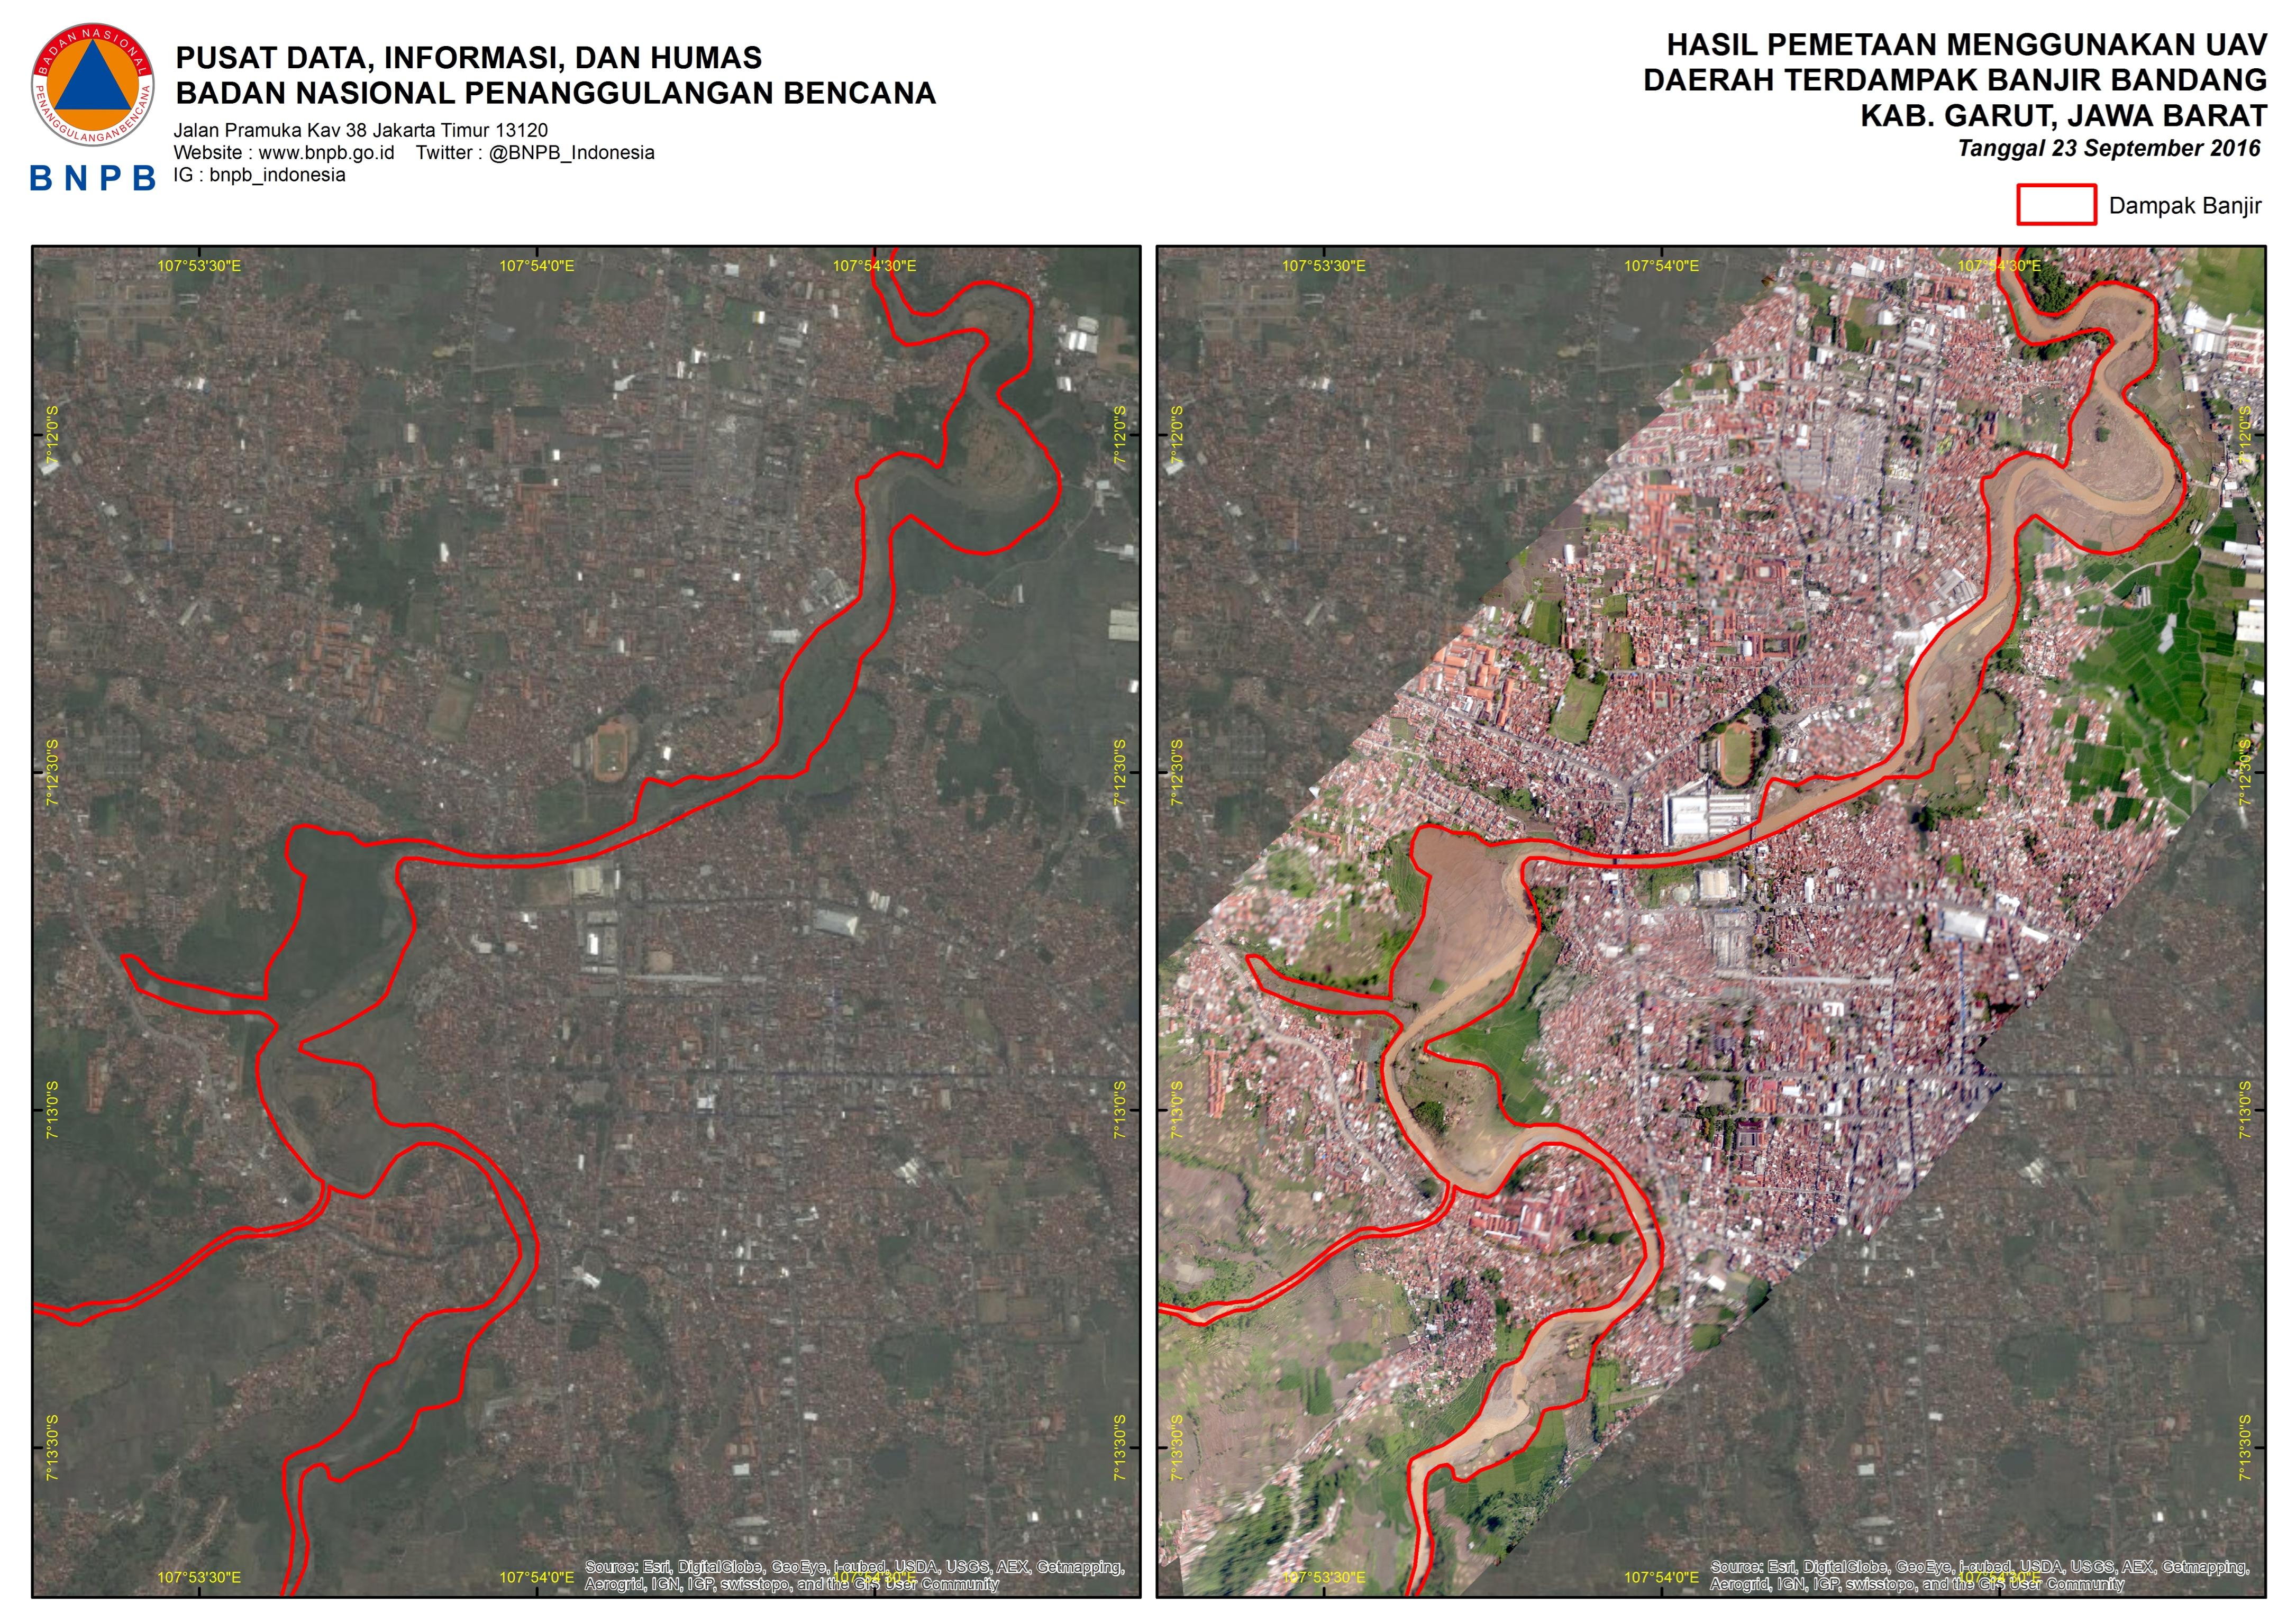 Hasil Pemetaan Menggunakan UAV pada Wilayah Terdampak Banjir Bandang Kabupaten Garut (Sumber: http://geospasial.bnpb.go.id/wp-content/uploads/2016/09/Banjir-garut-uav.jpg)